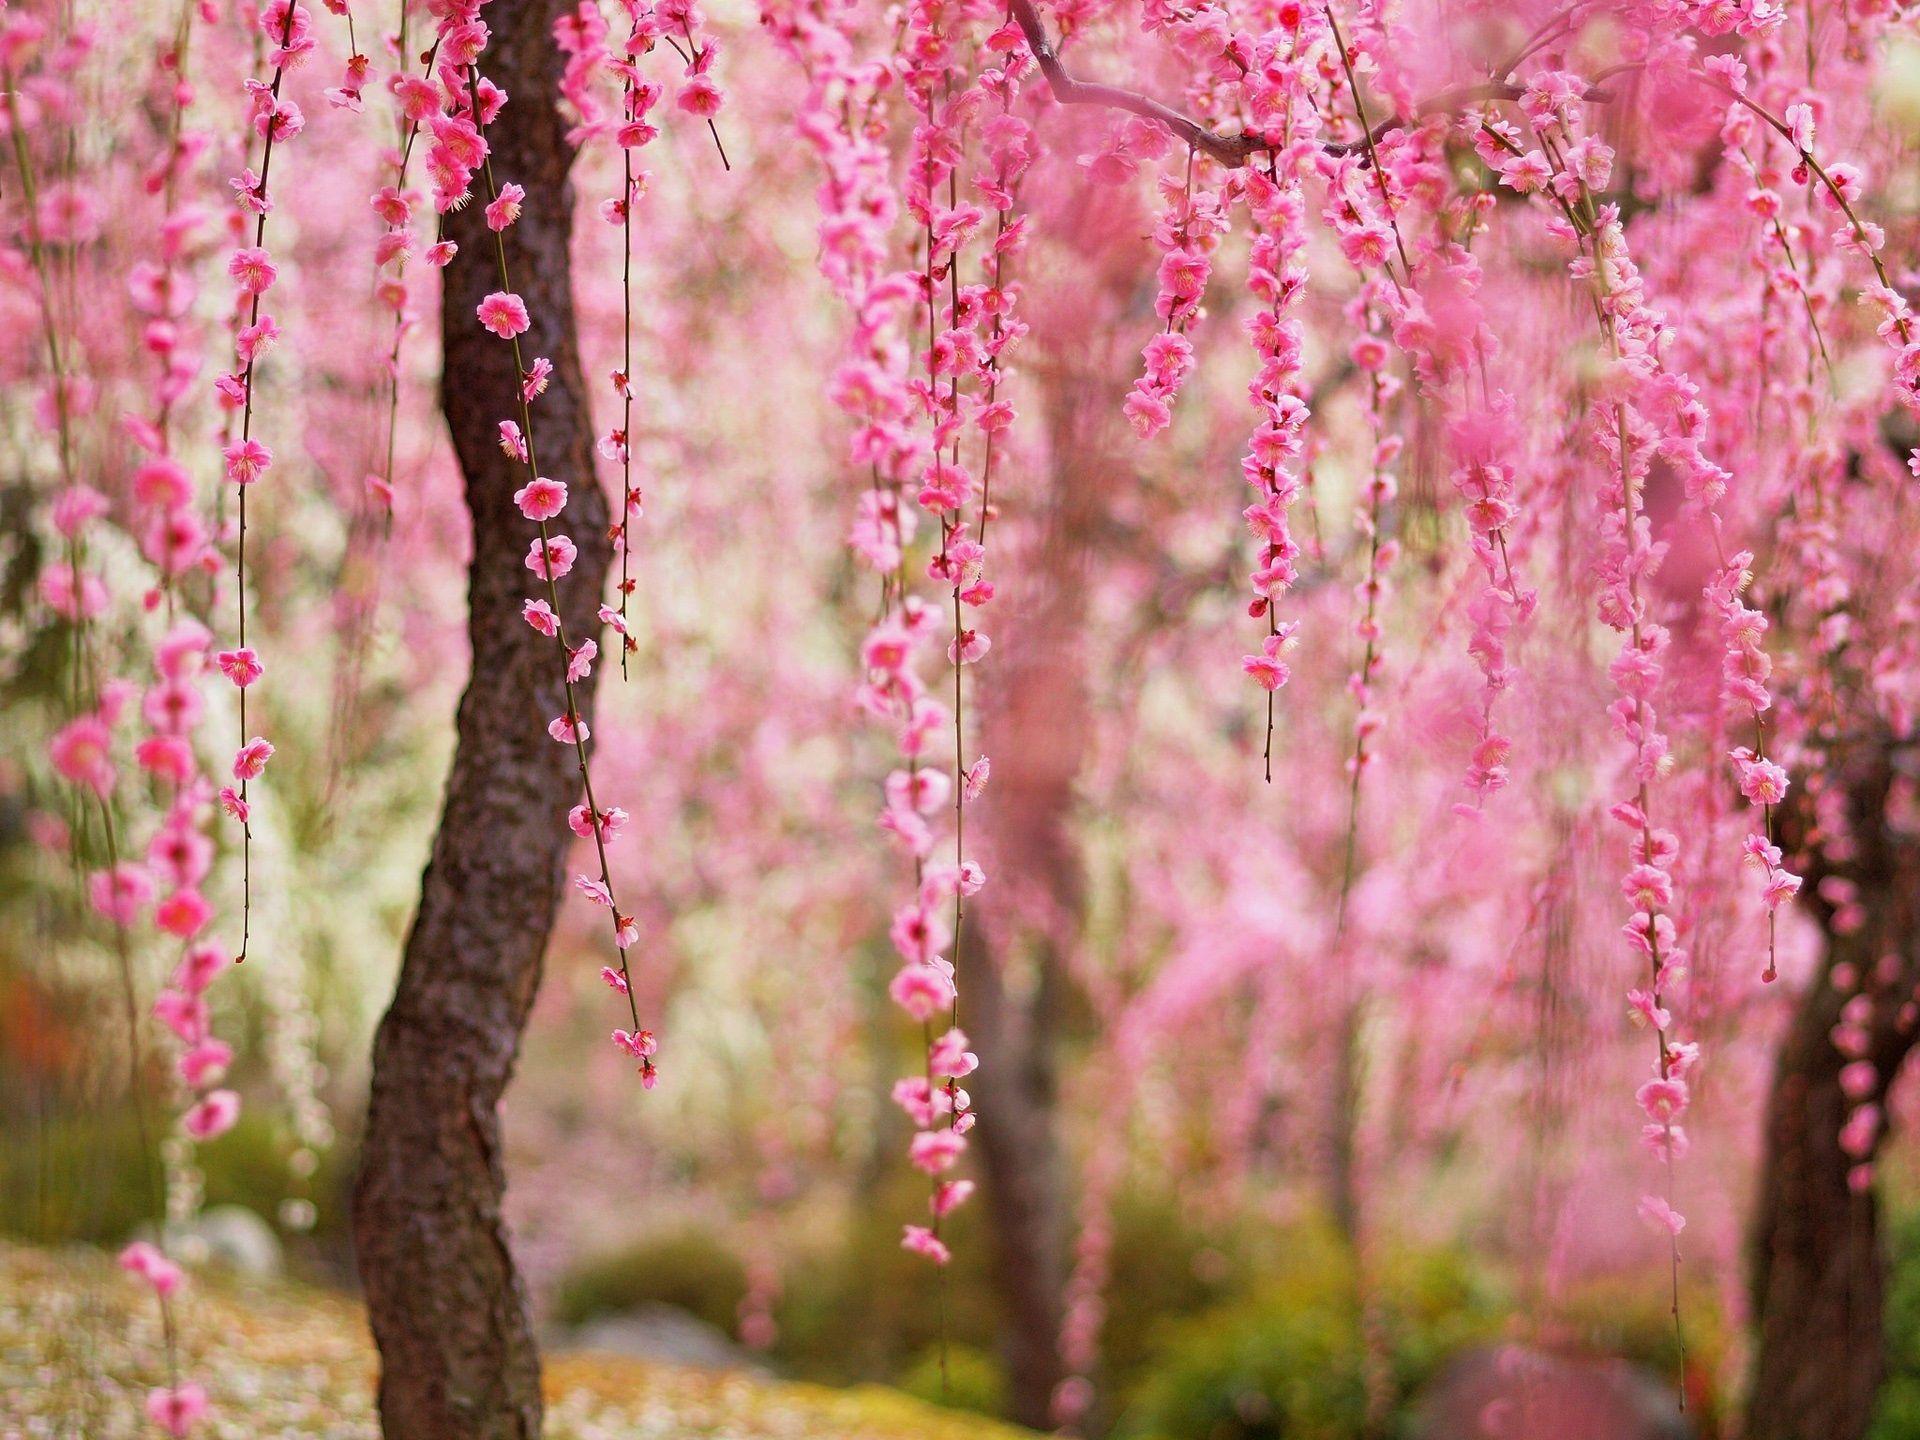 belle printemps fleurs rose fleurs arbres fonds d 39 cran 1920x1440 printemps pinterest. Black Bedroom Furniture Sets. Home Design Ideas